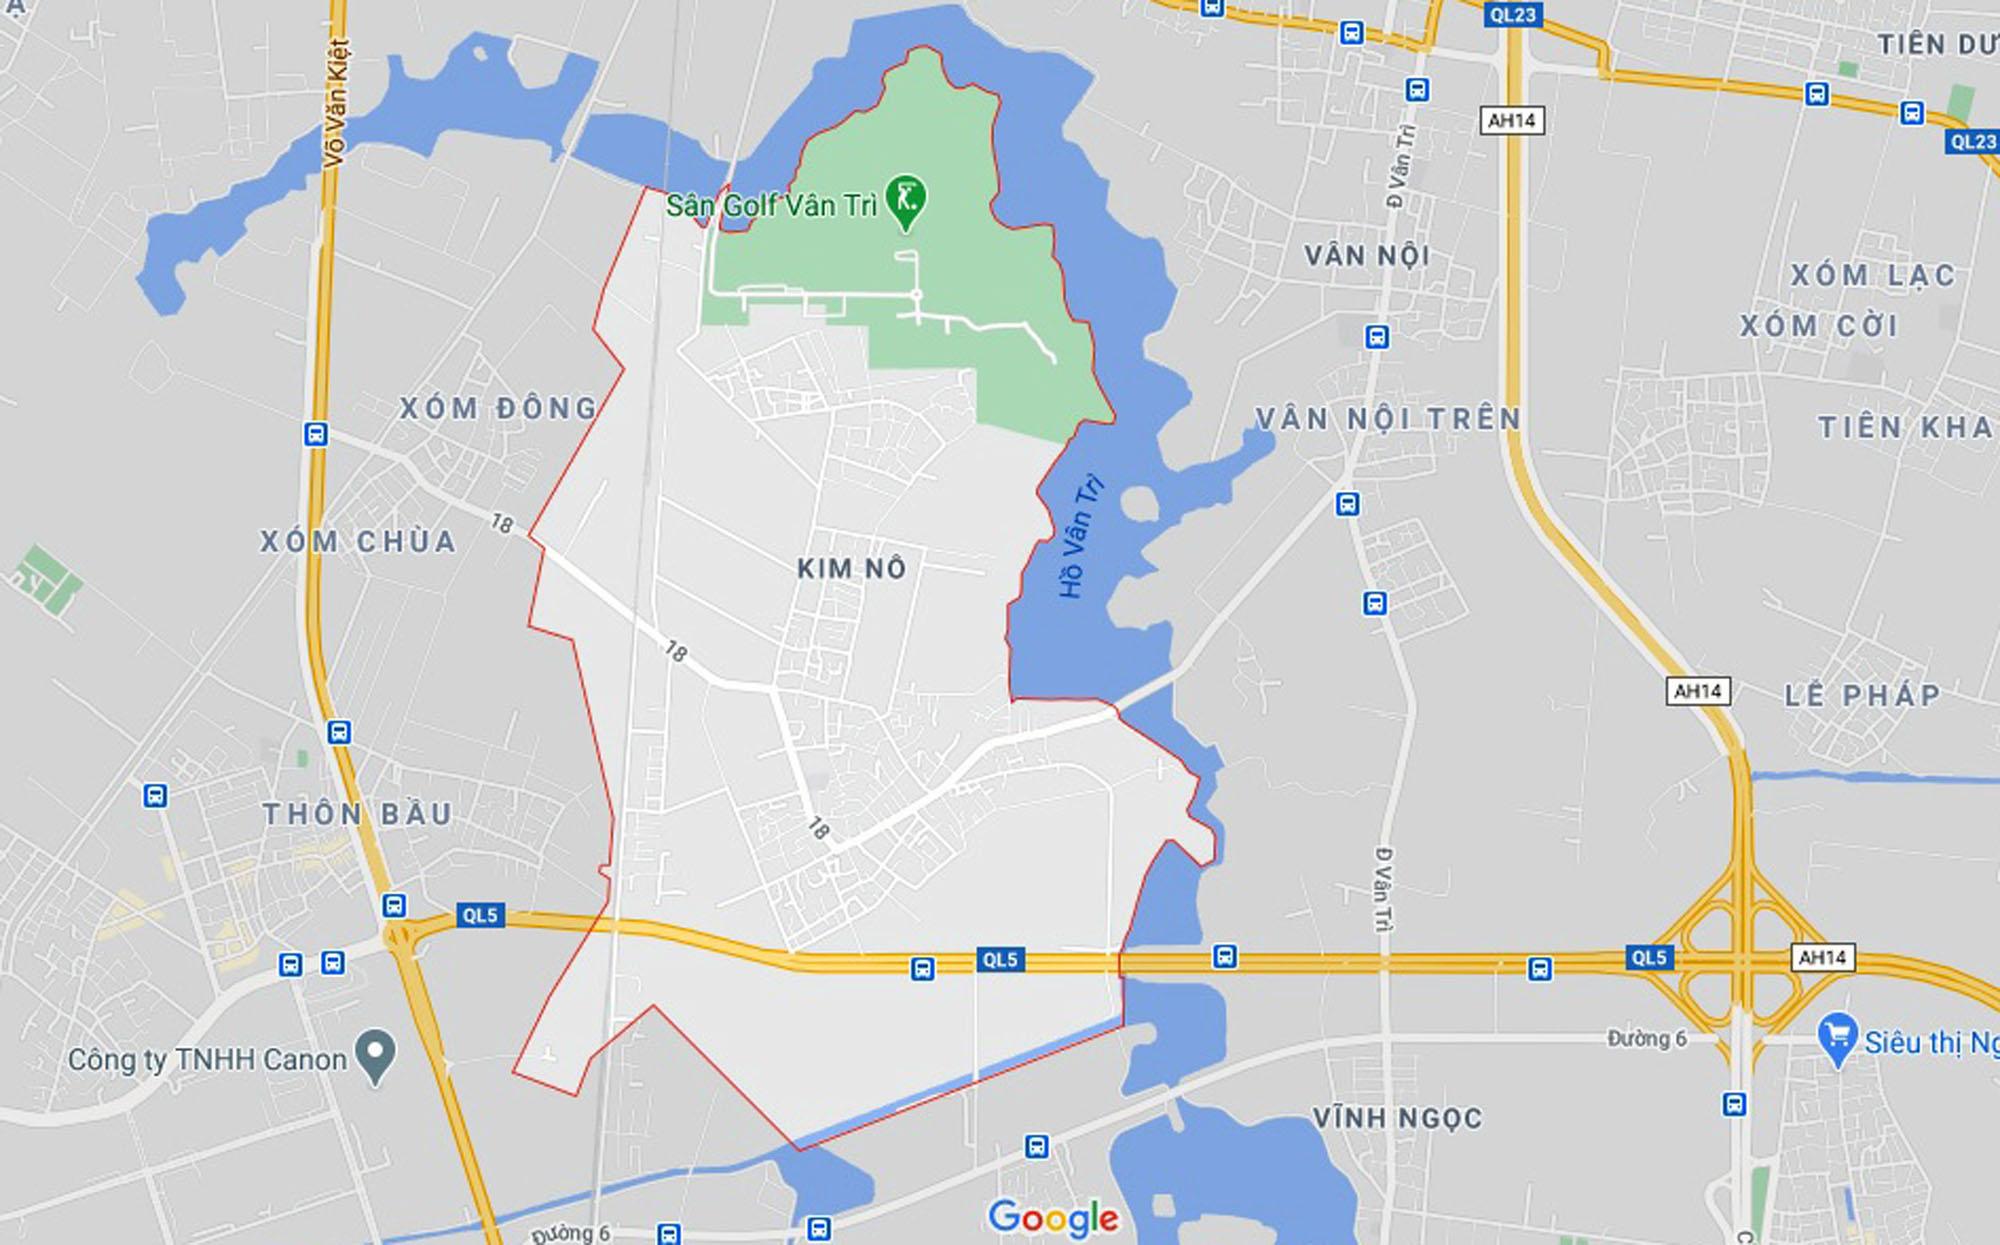 đường sẽ mở theo qui hoạch ở xã Kim Nỗ, Đông Anh, Hà Nội - Ảnh 1.